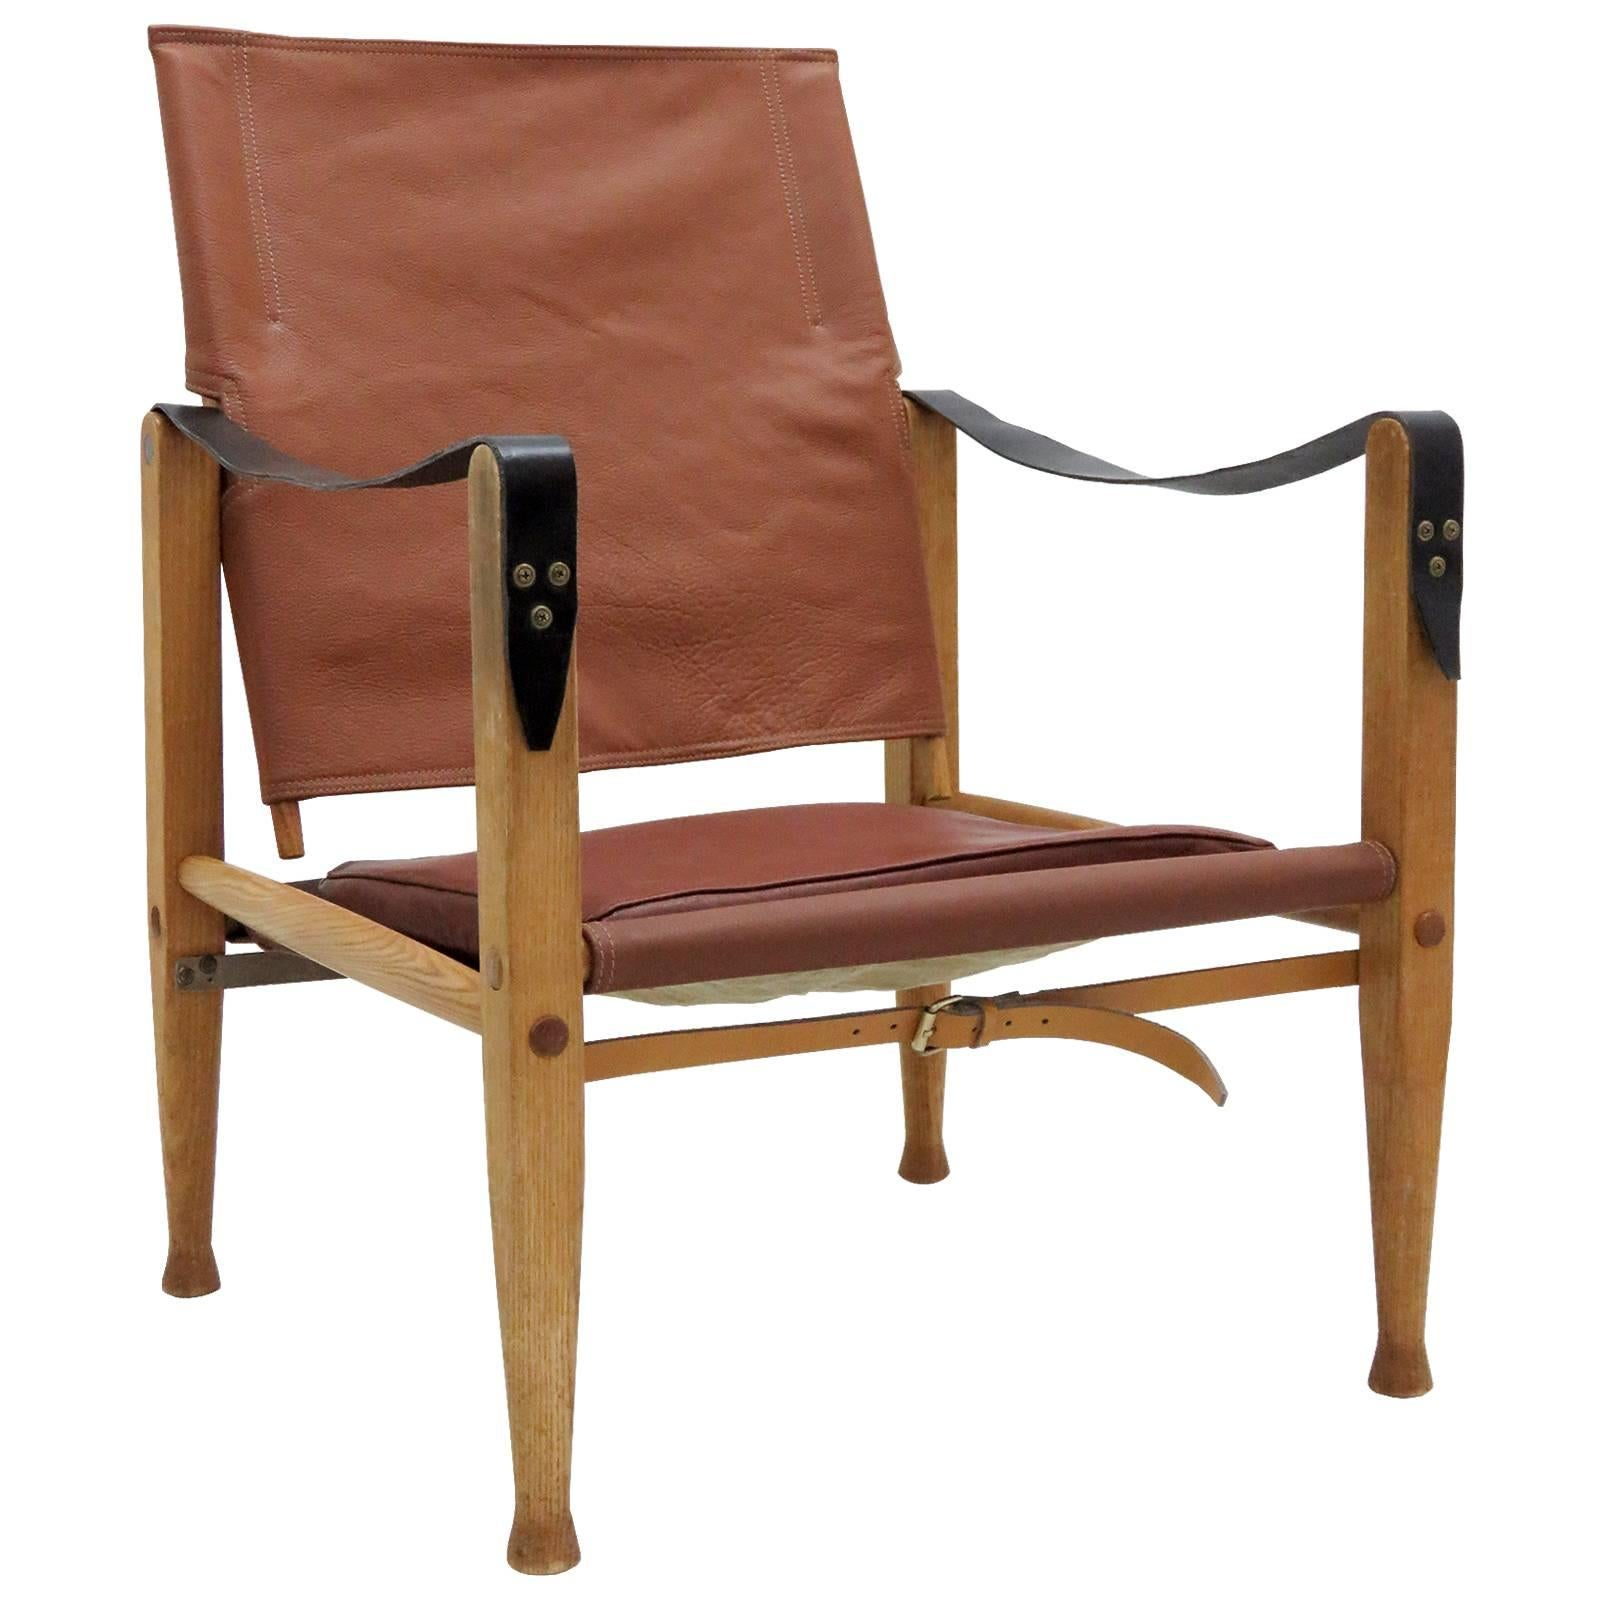 Safari Chair by Kaare Klint, 1969